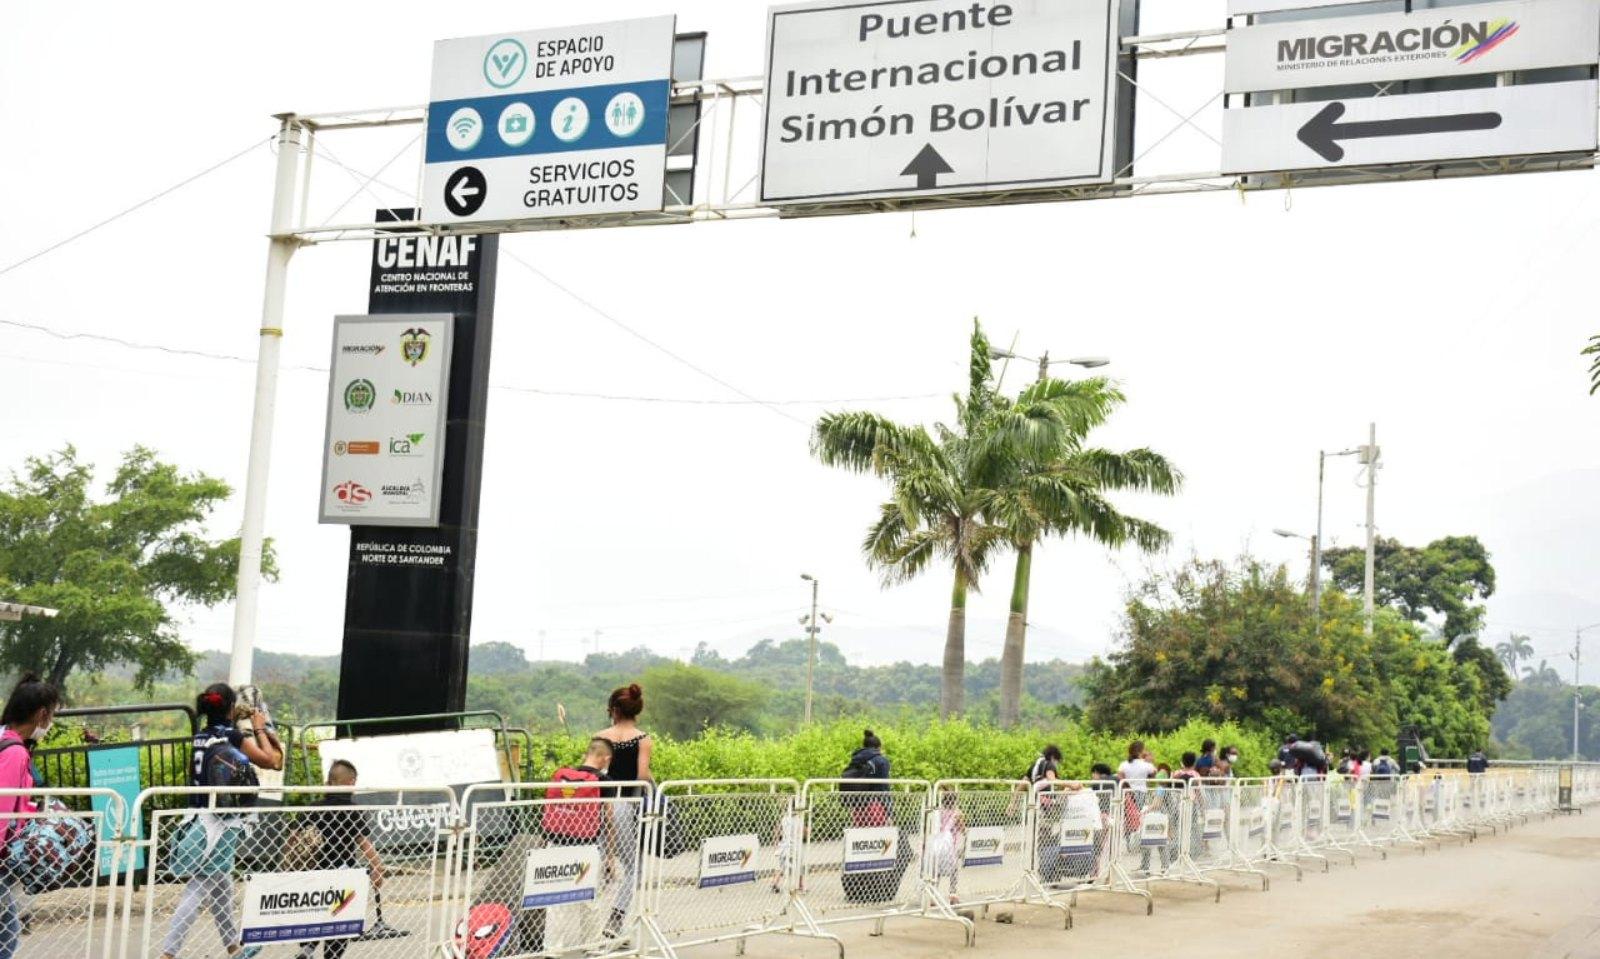 El riesgo de retornar a Venezuela durante la pandemia